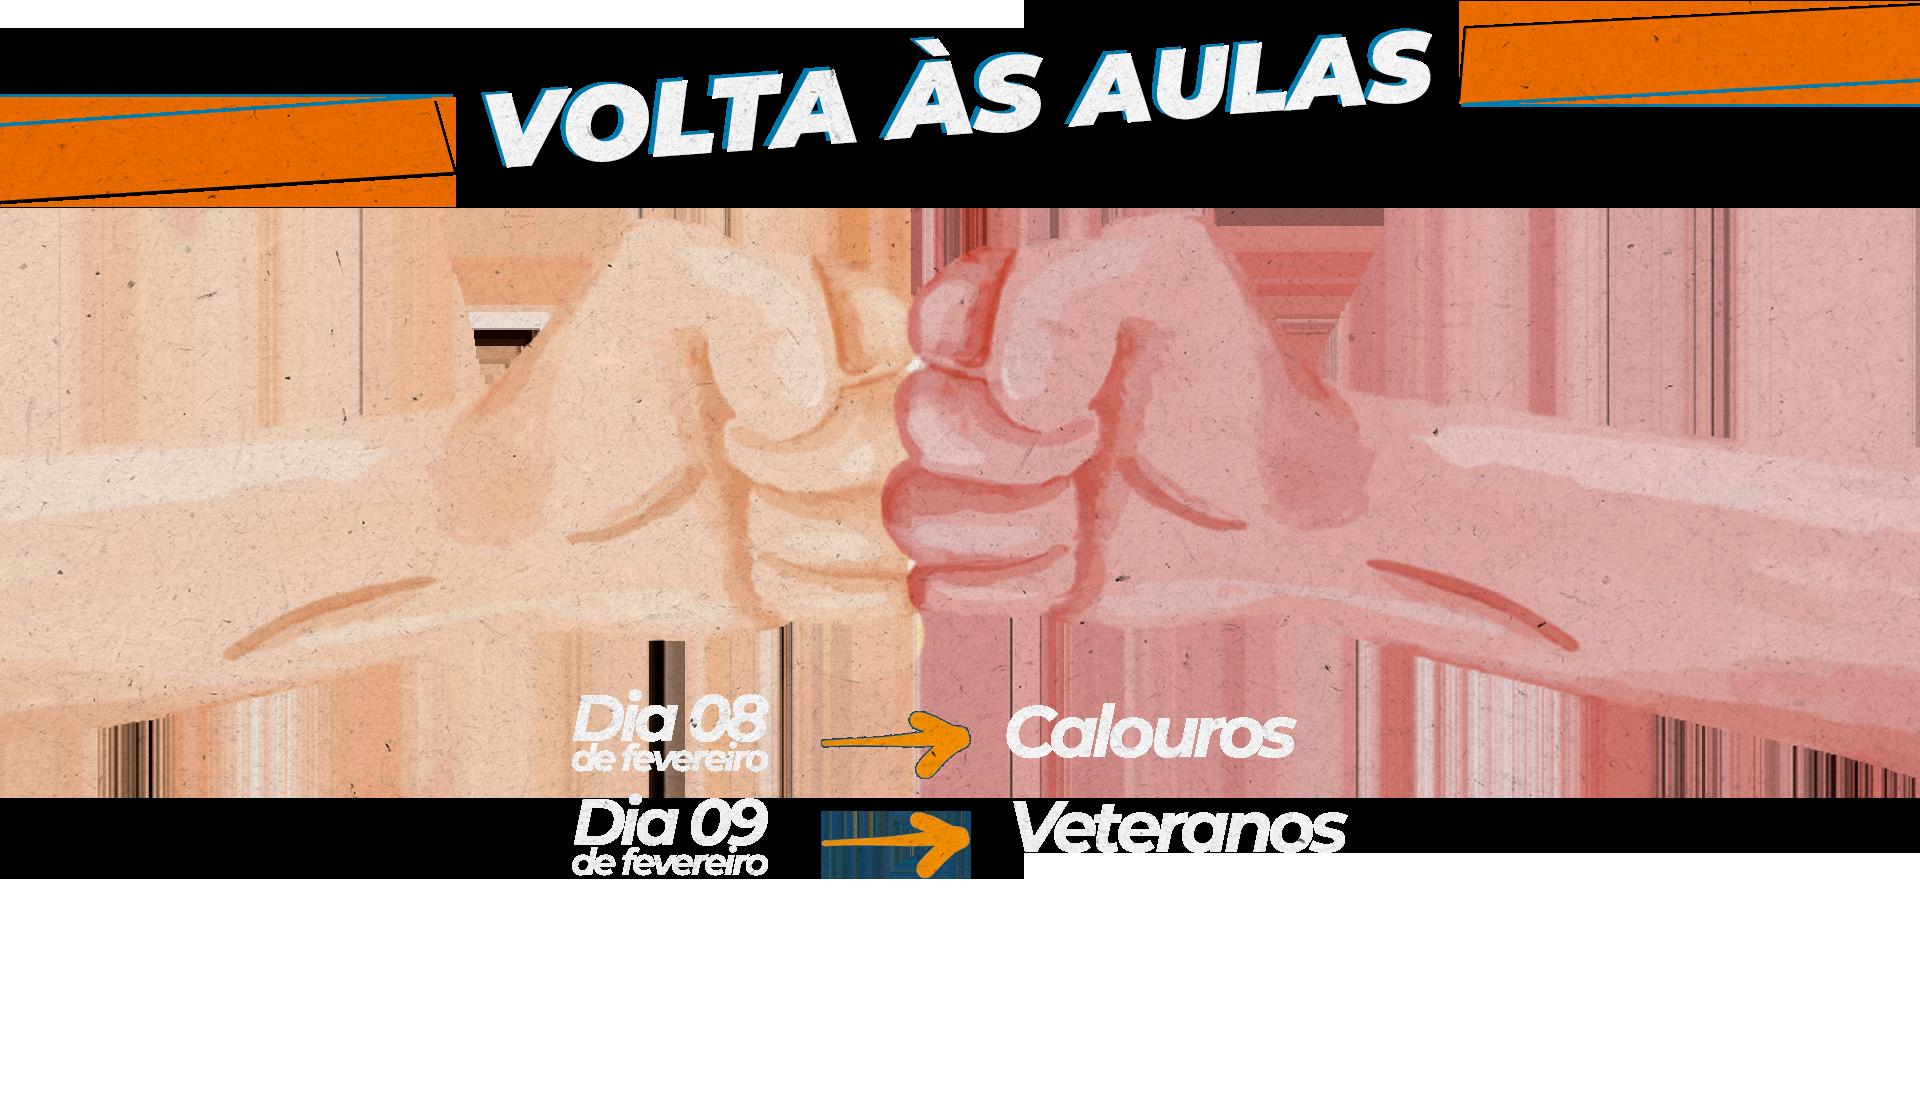 TopoVoltaAsAulas